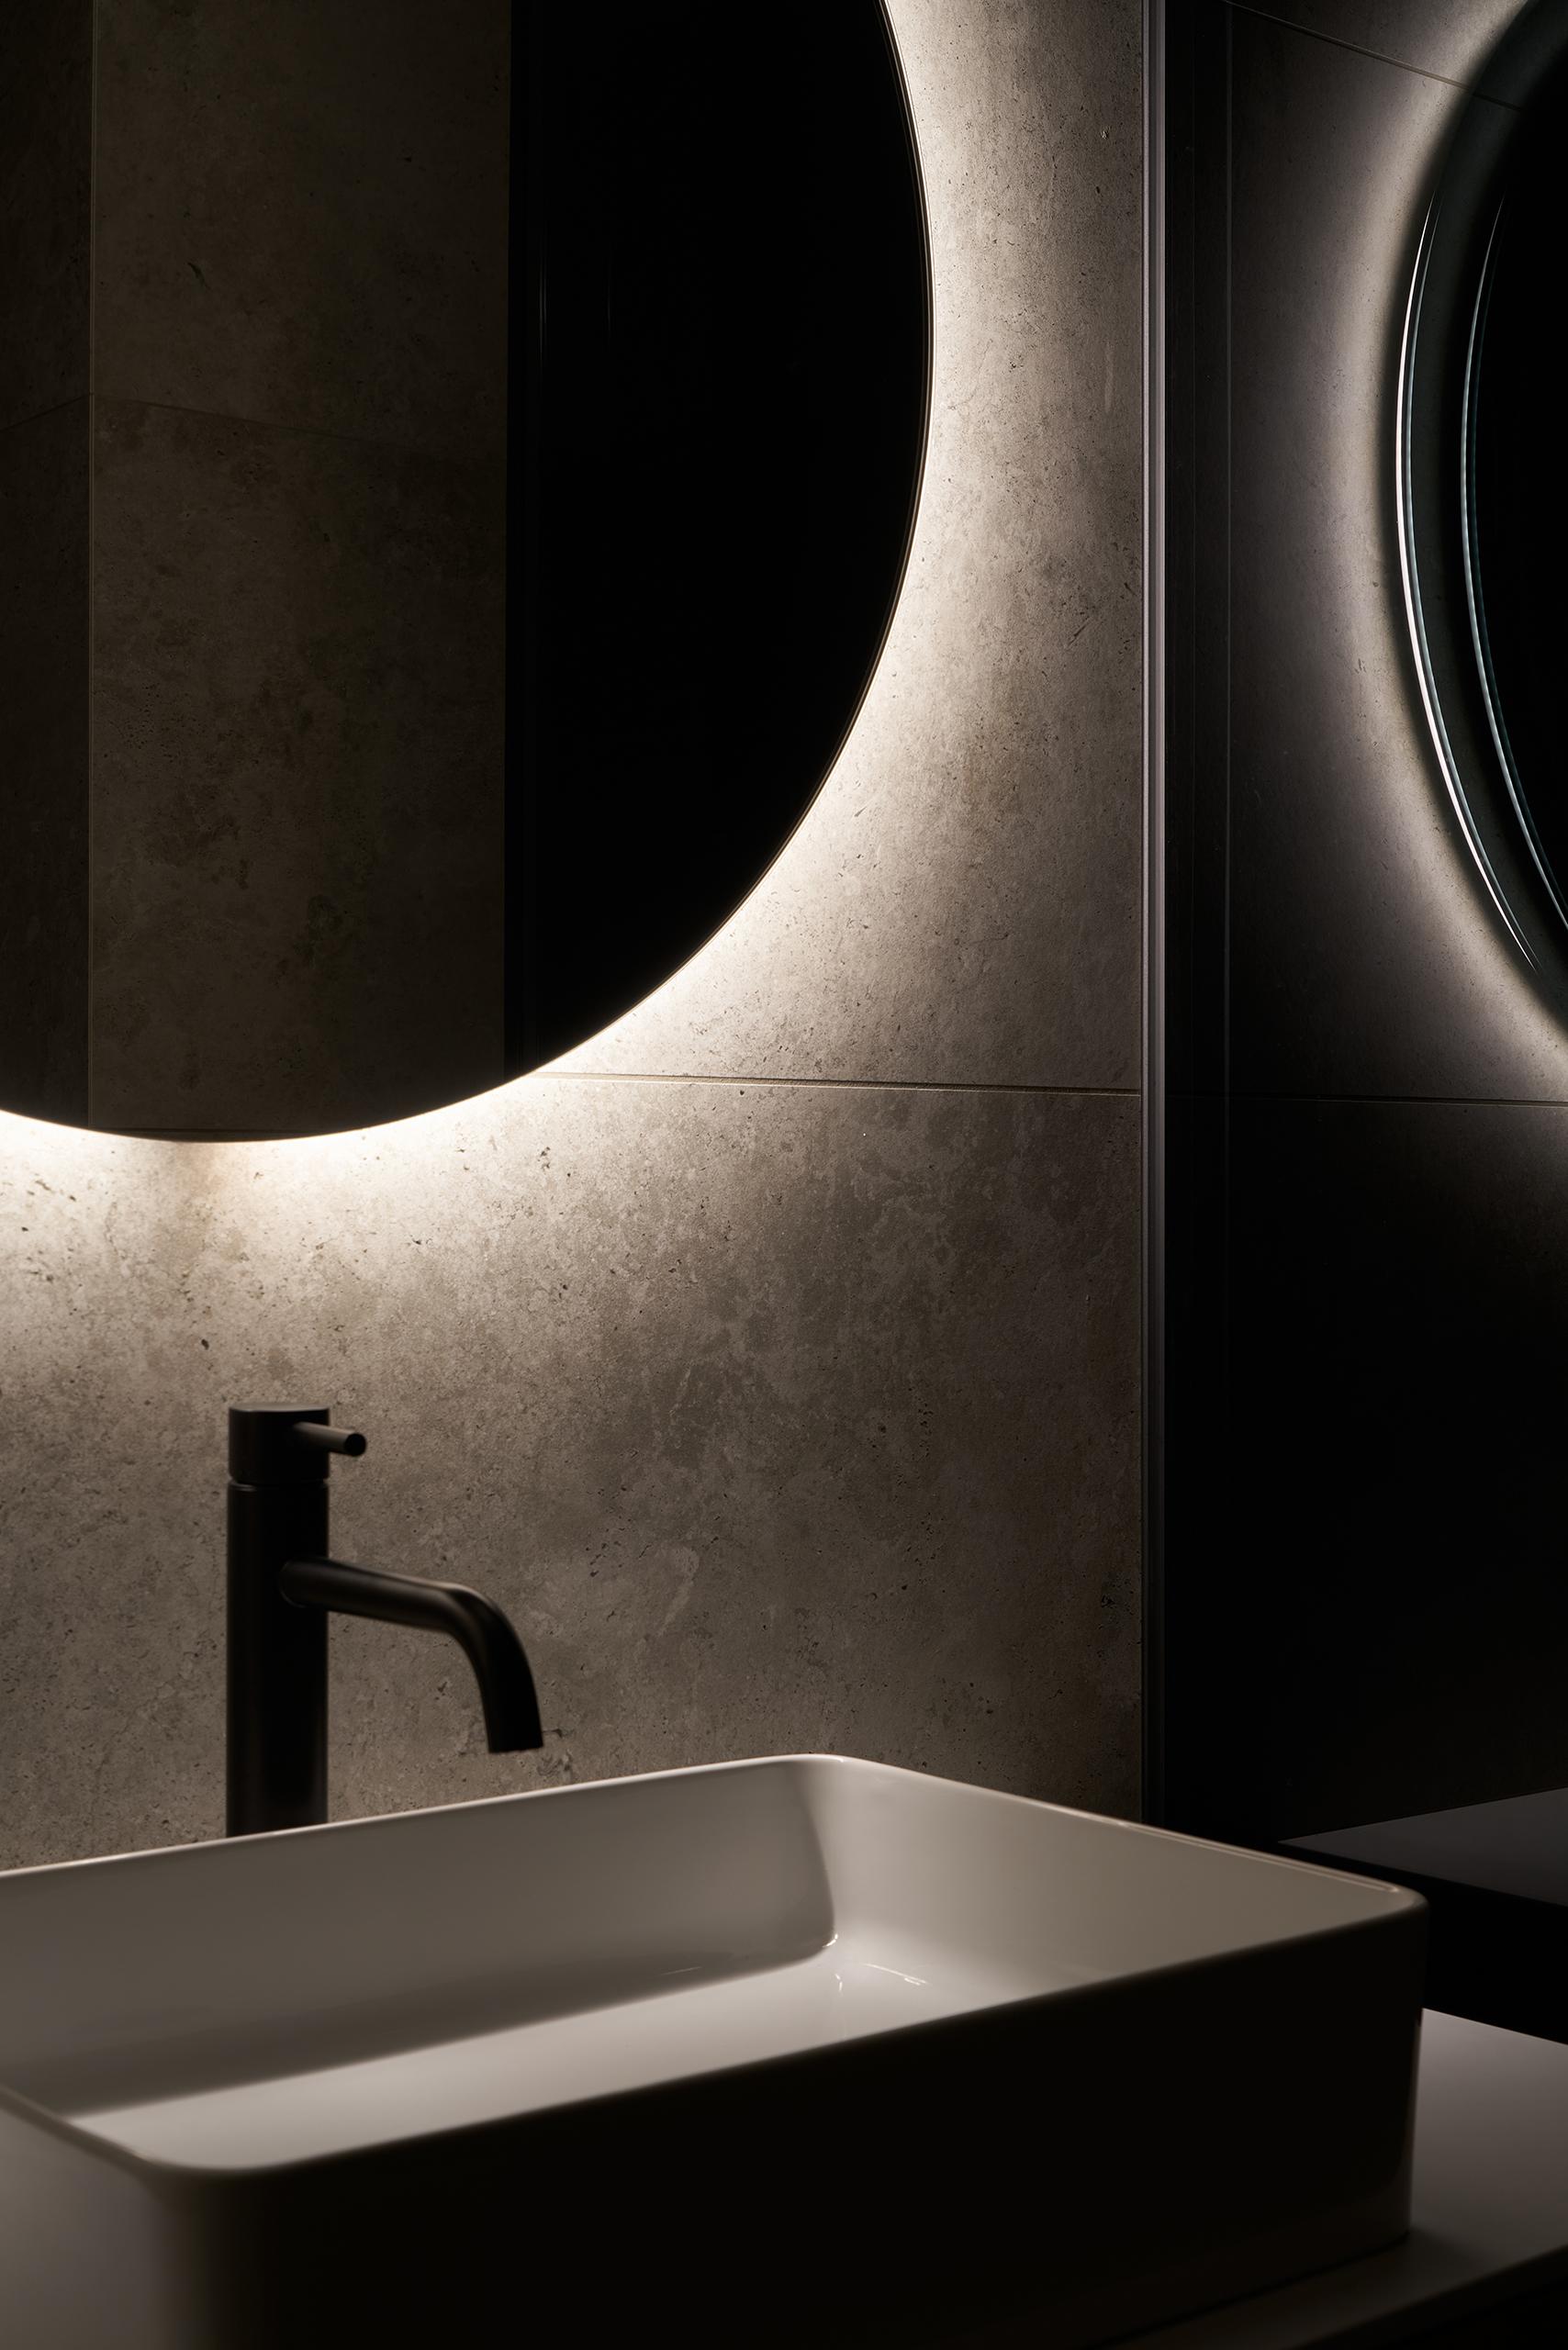 Фотосъемка интерьера ванной с красивым зеркалом